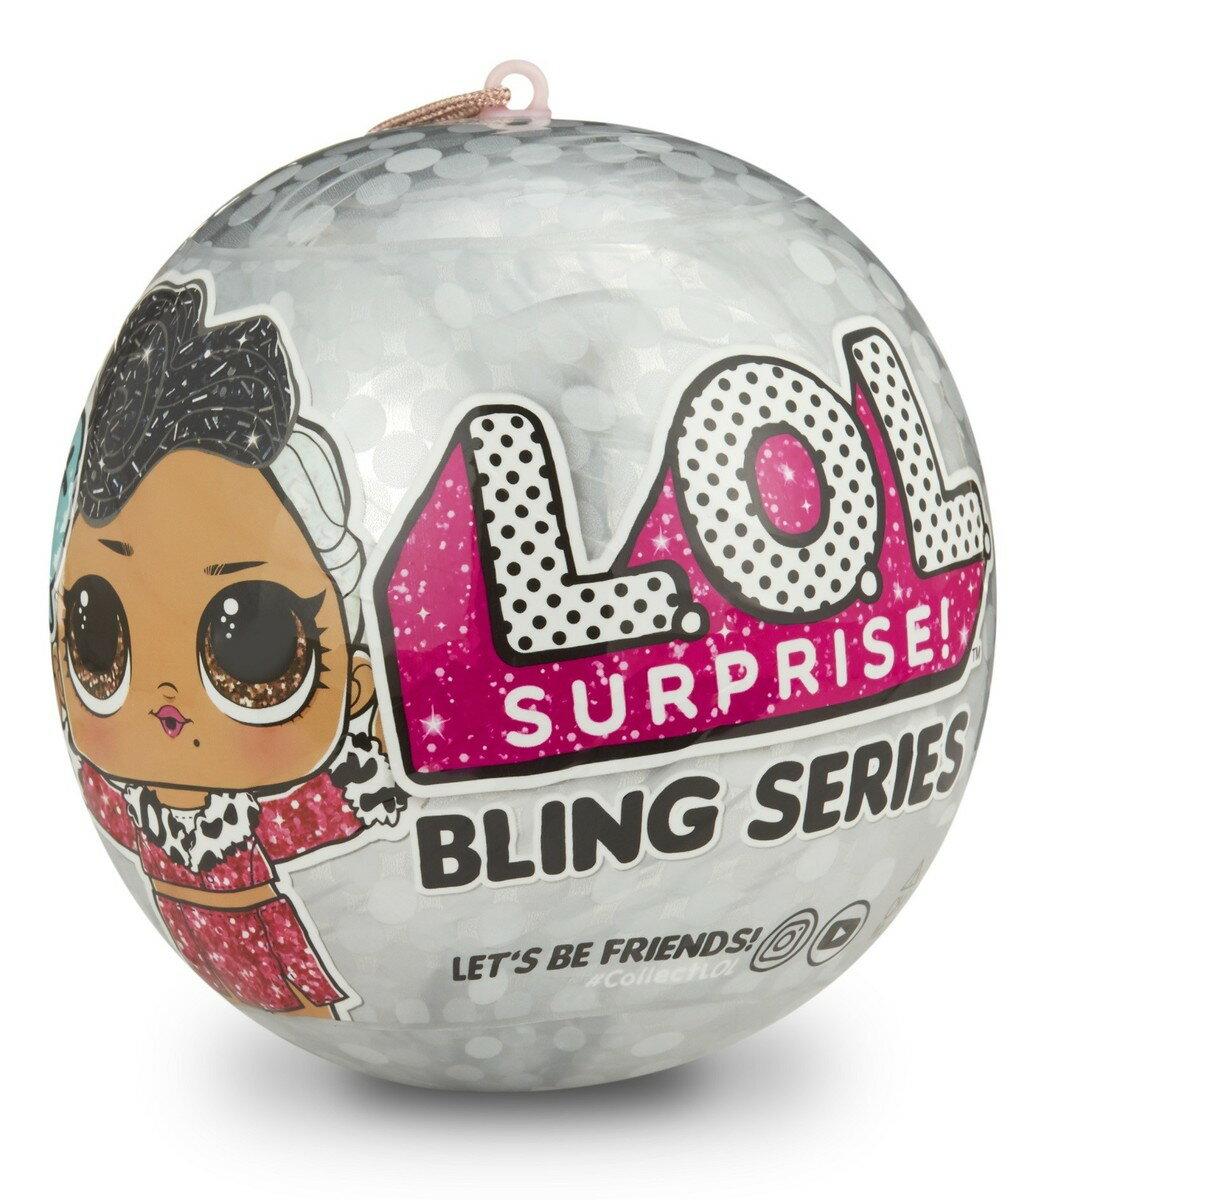 L.O.Lサプライズ BLING SERIES 7サプライズLOLサプライズ L.O.L Surprise! lolサプライズ エルオーエルサプライズ ドール 人形 フィギュア おもちゃ 玩具 海外 女の子 大人 おとな プレゼント 贈り物